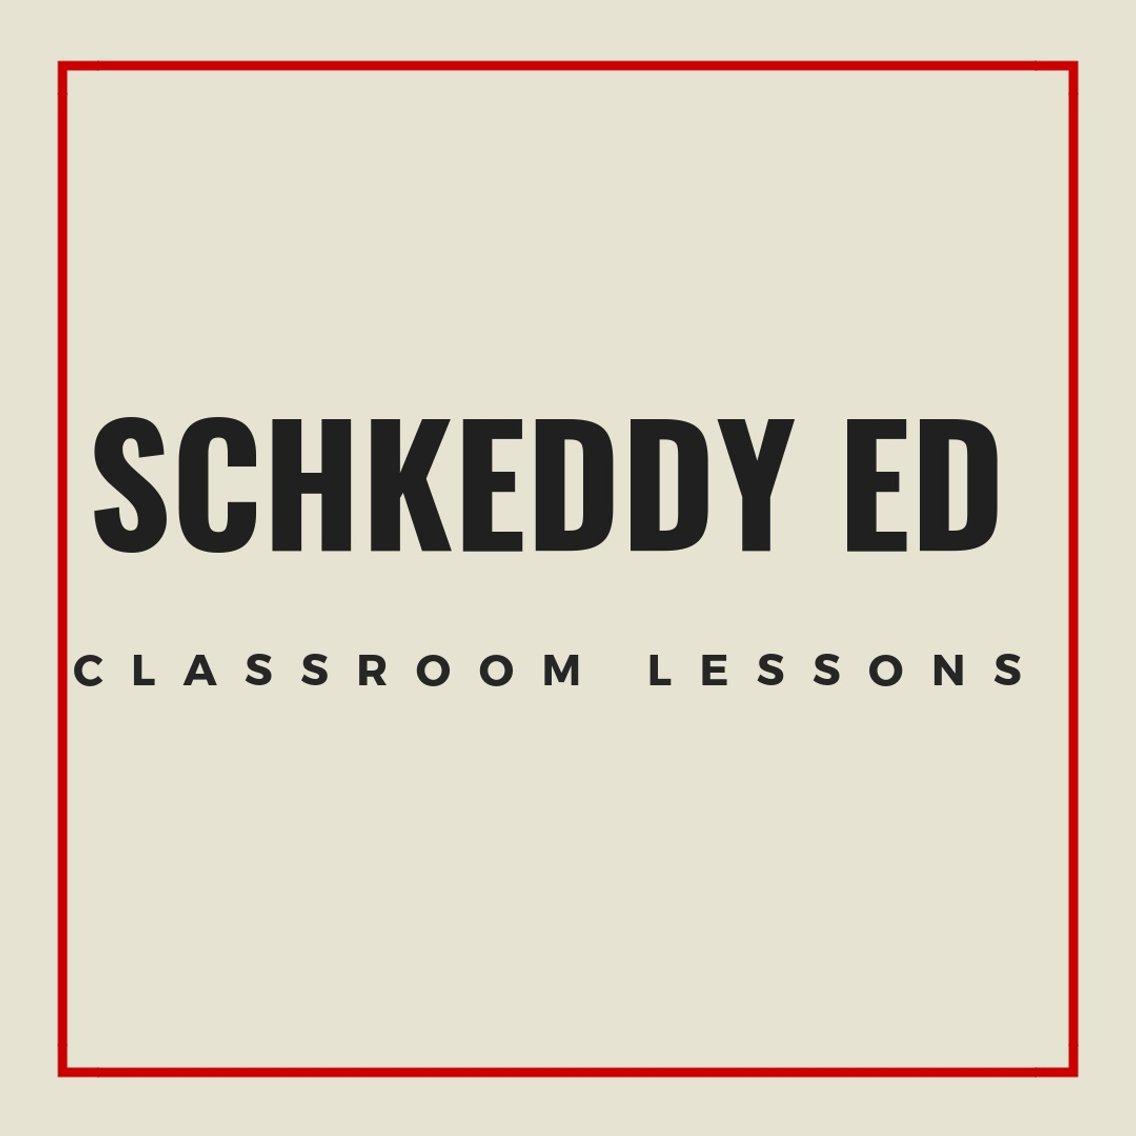 Schkeddy Ed Classroom Lessons - immagine di copertina